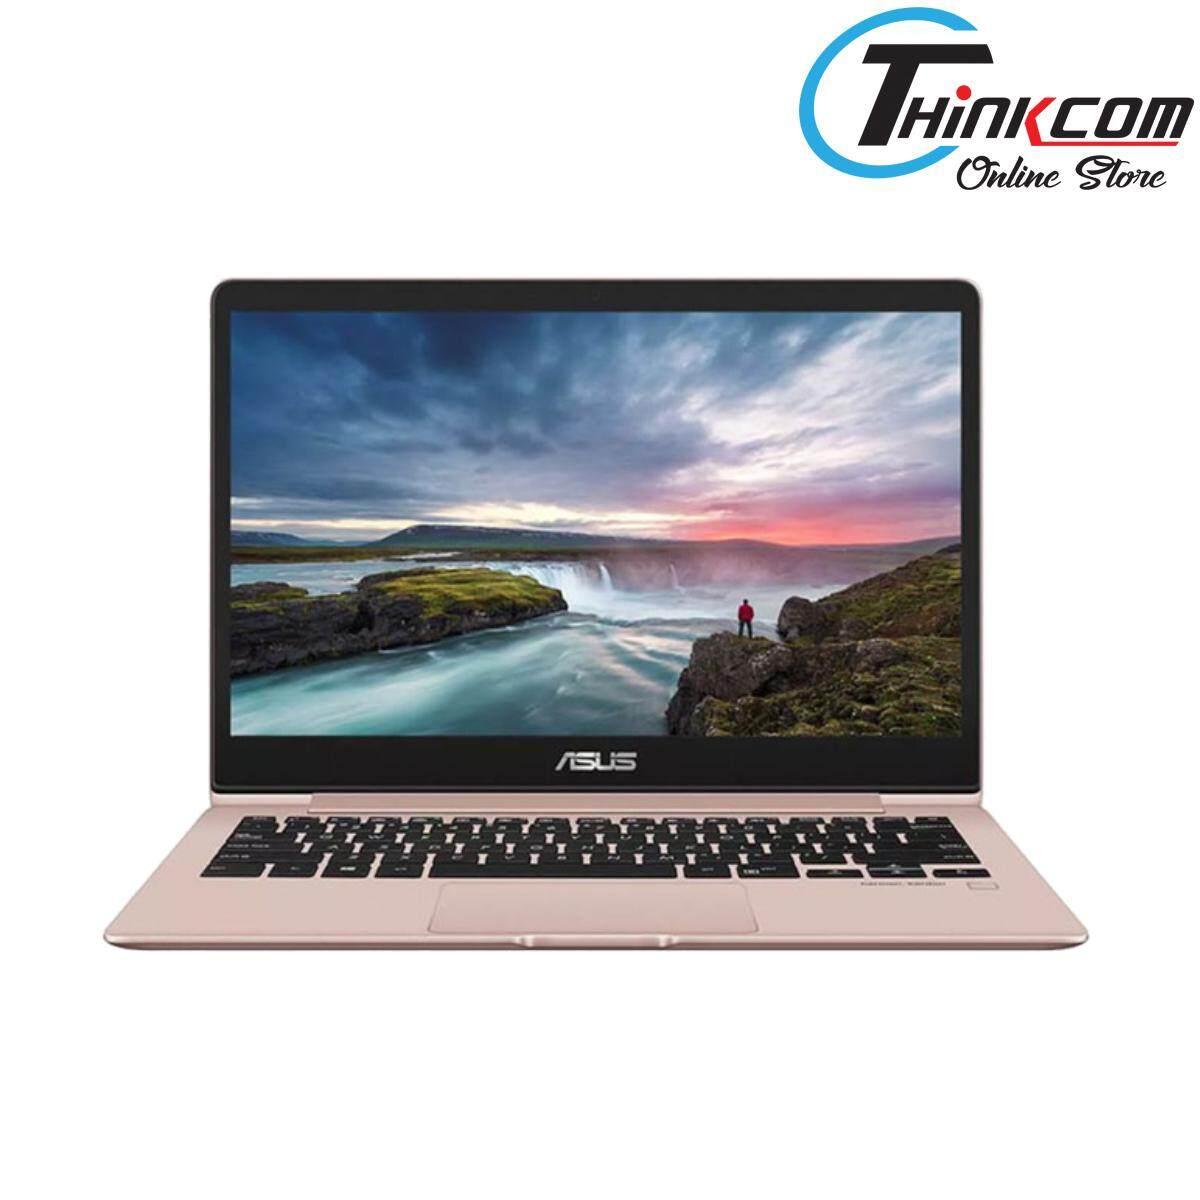 ASUS Zenbook 13 UX331U- ALEG032T / ALEG033T i5-8250U, 8G, 256G, WIN 10, 13.3 FHD Malaysia